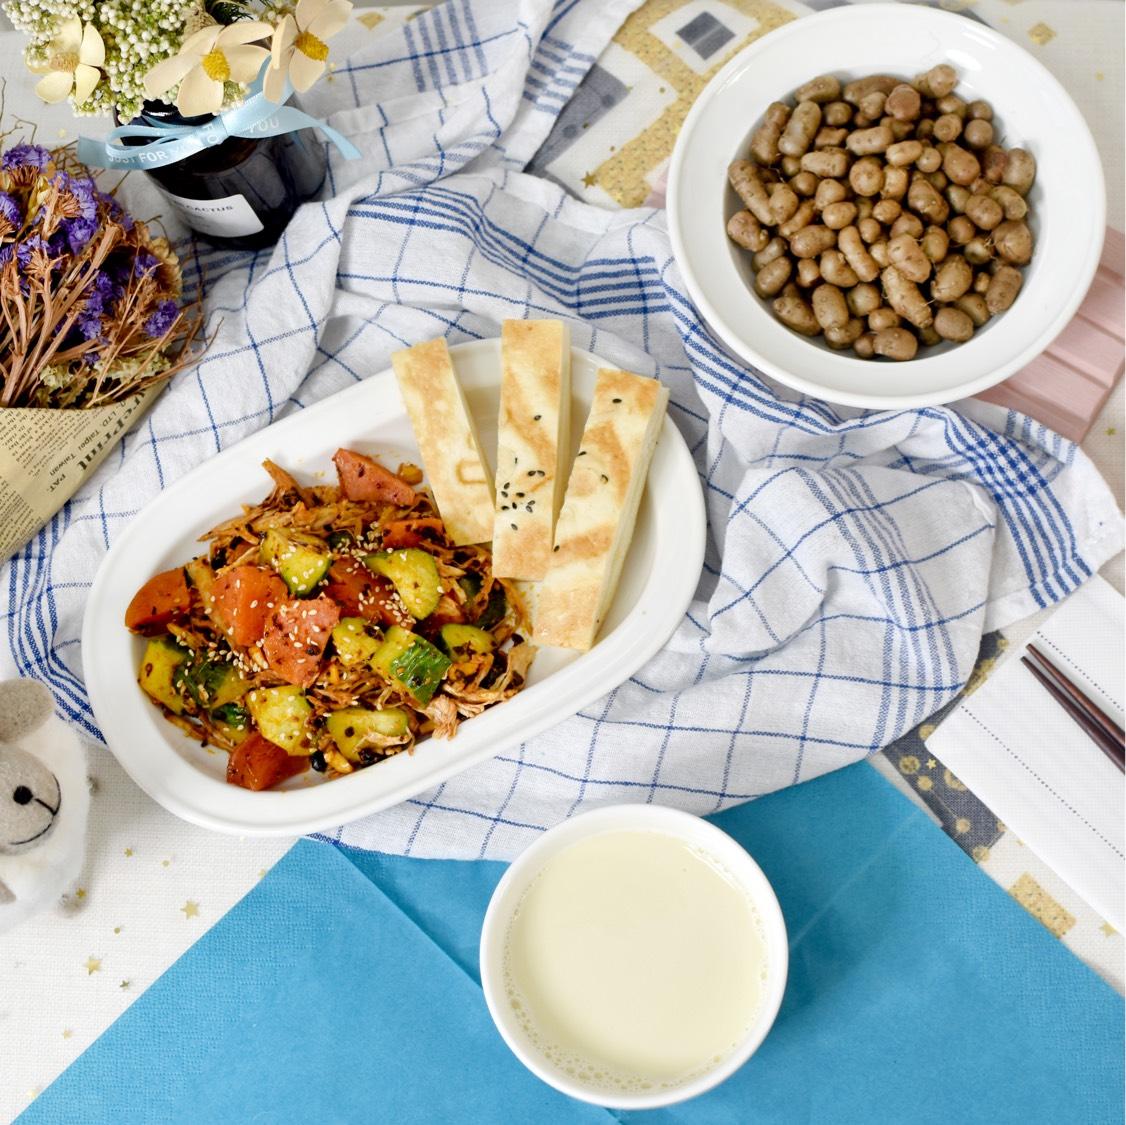 一人食中式早餐 今天的菜单: 1⃣️凉拌